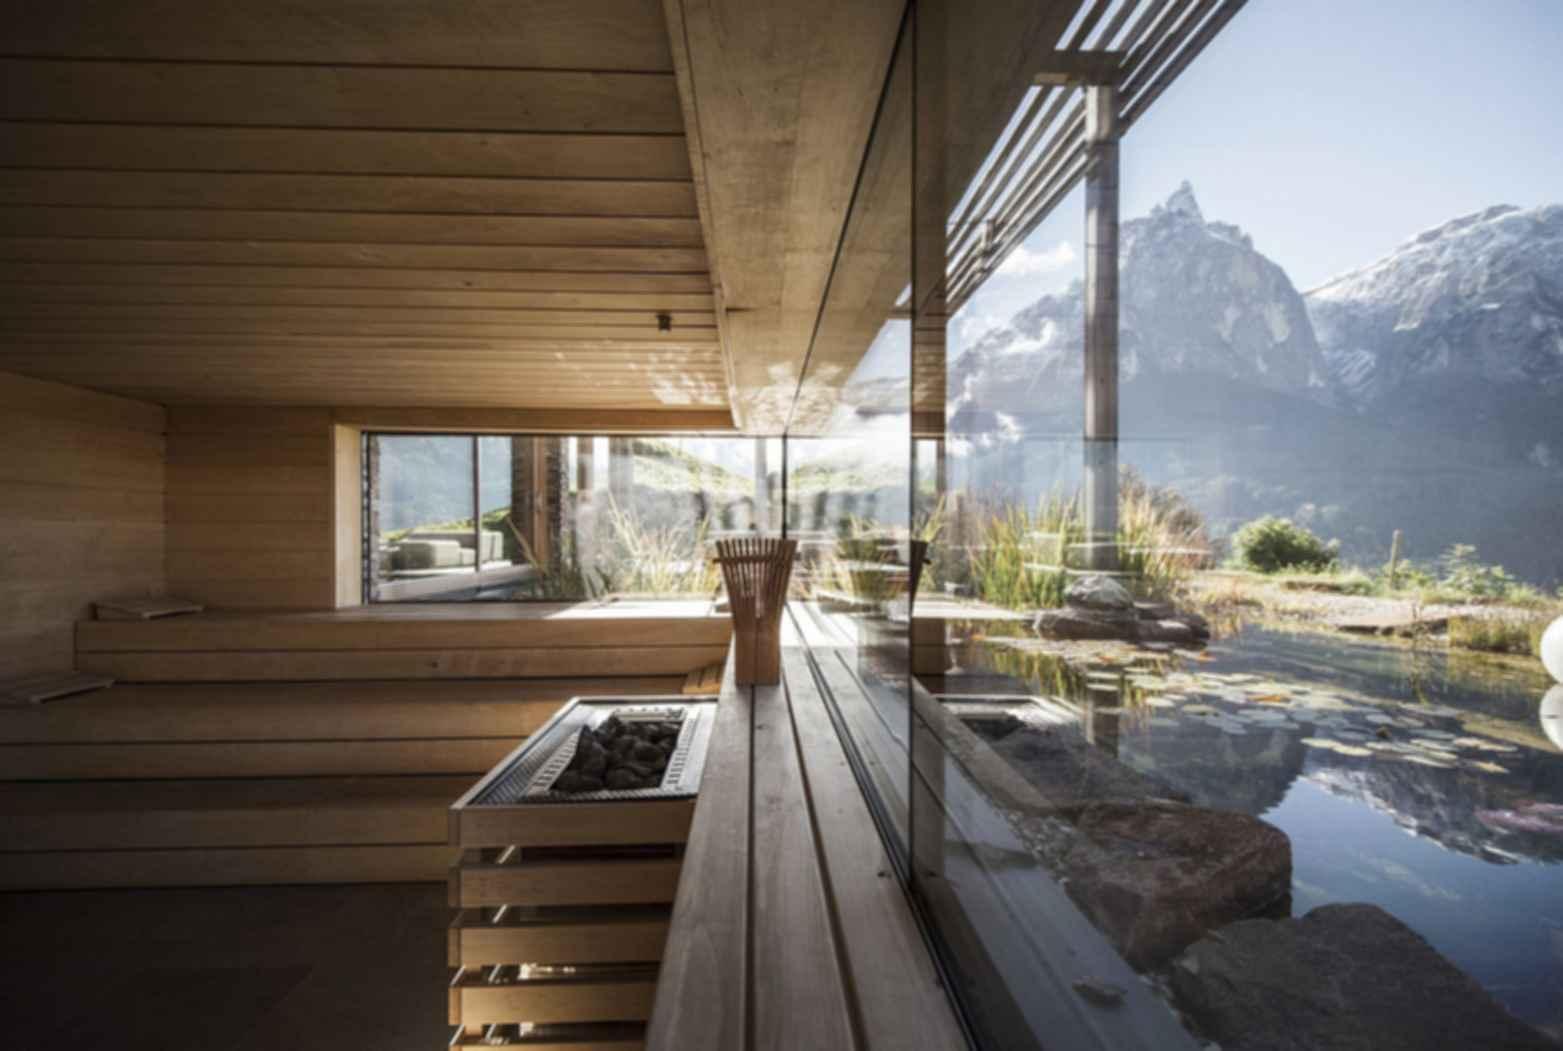 Valentinerhof - Interior/Sauna